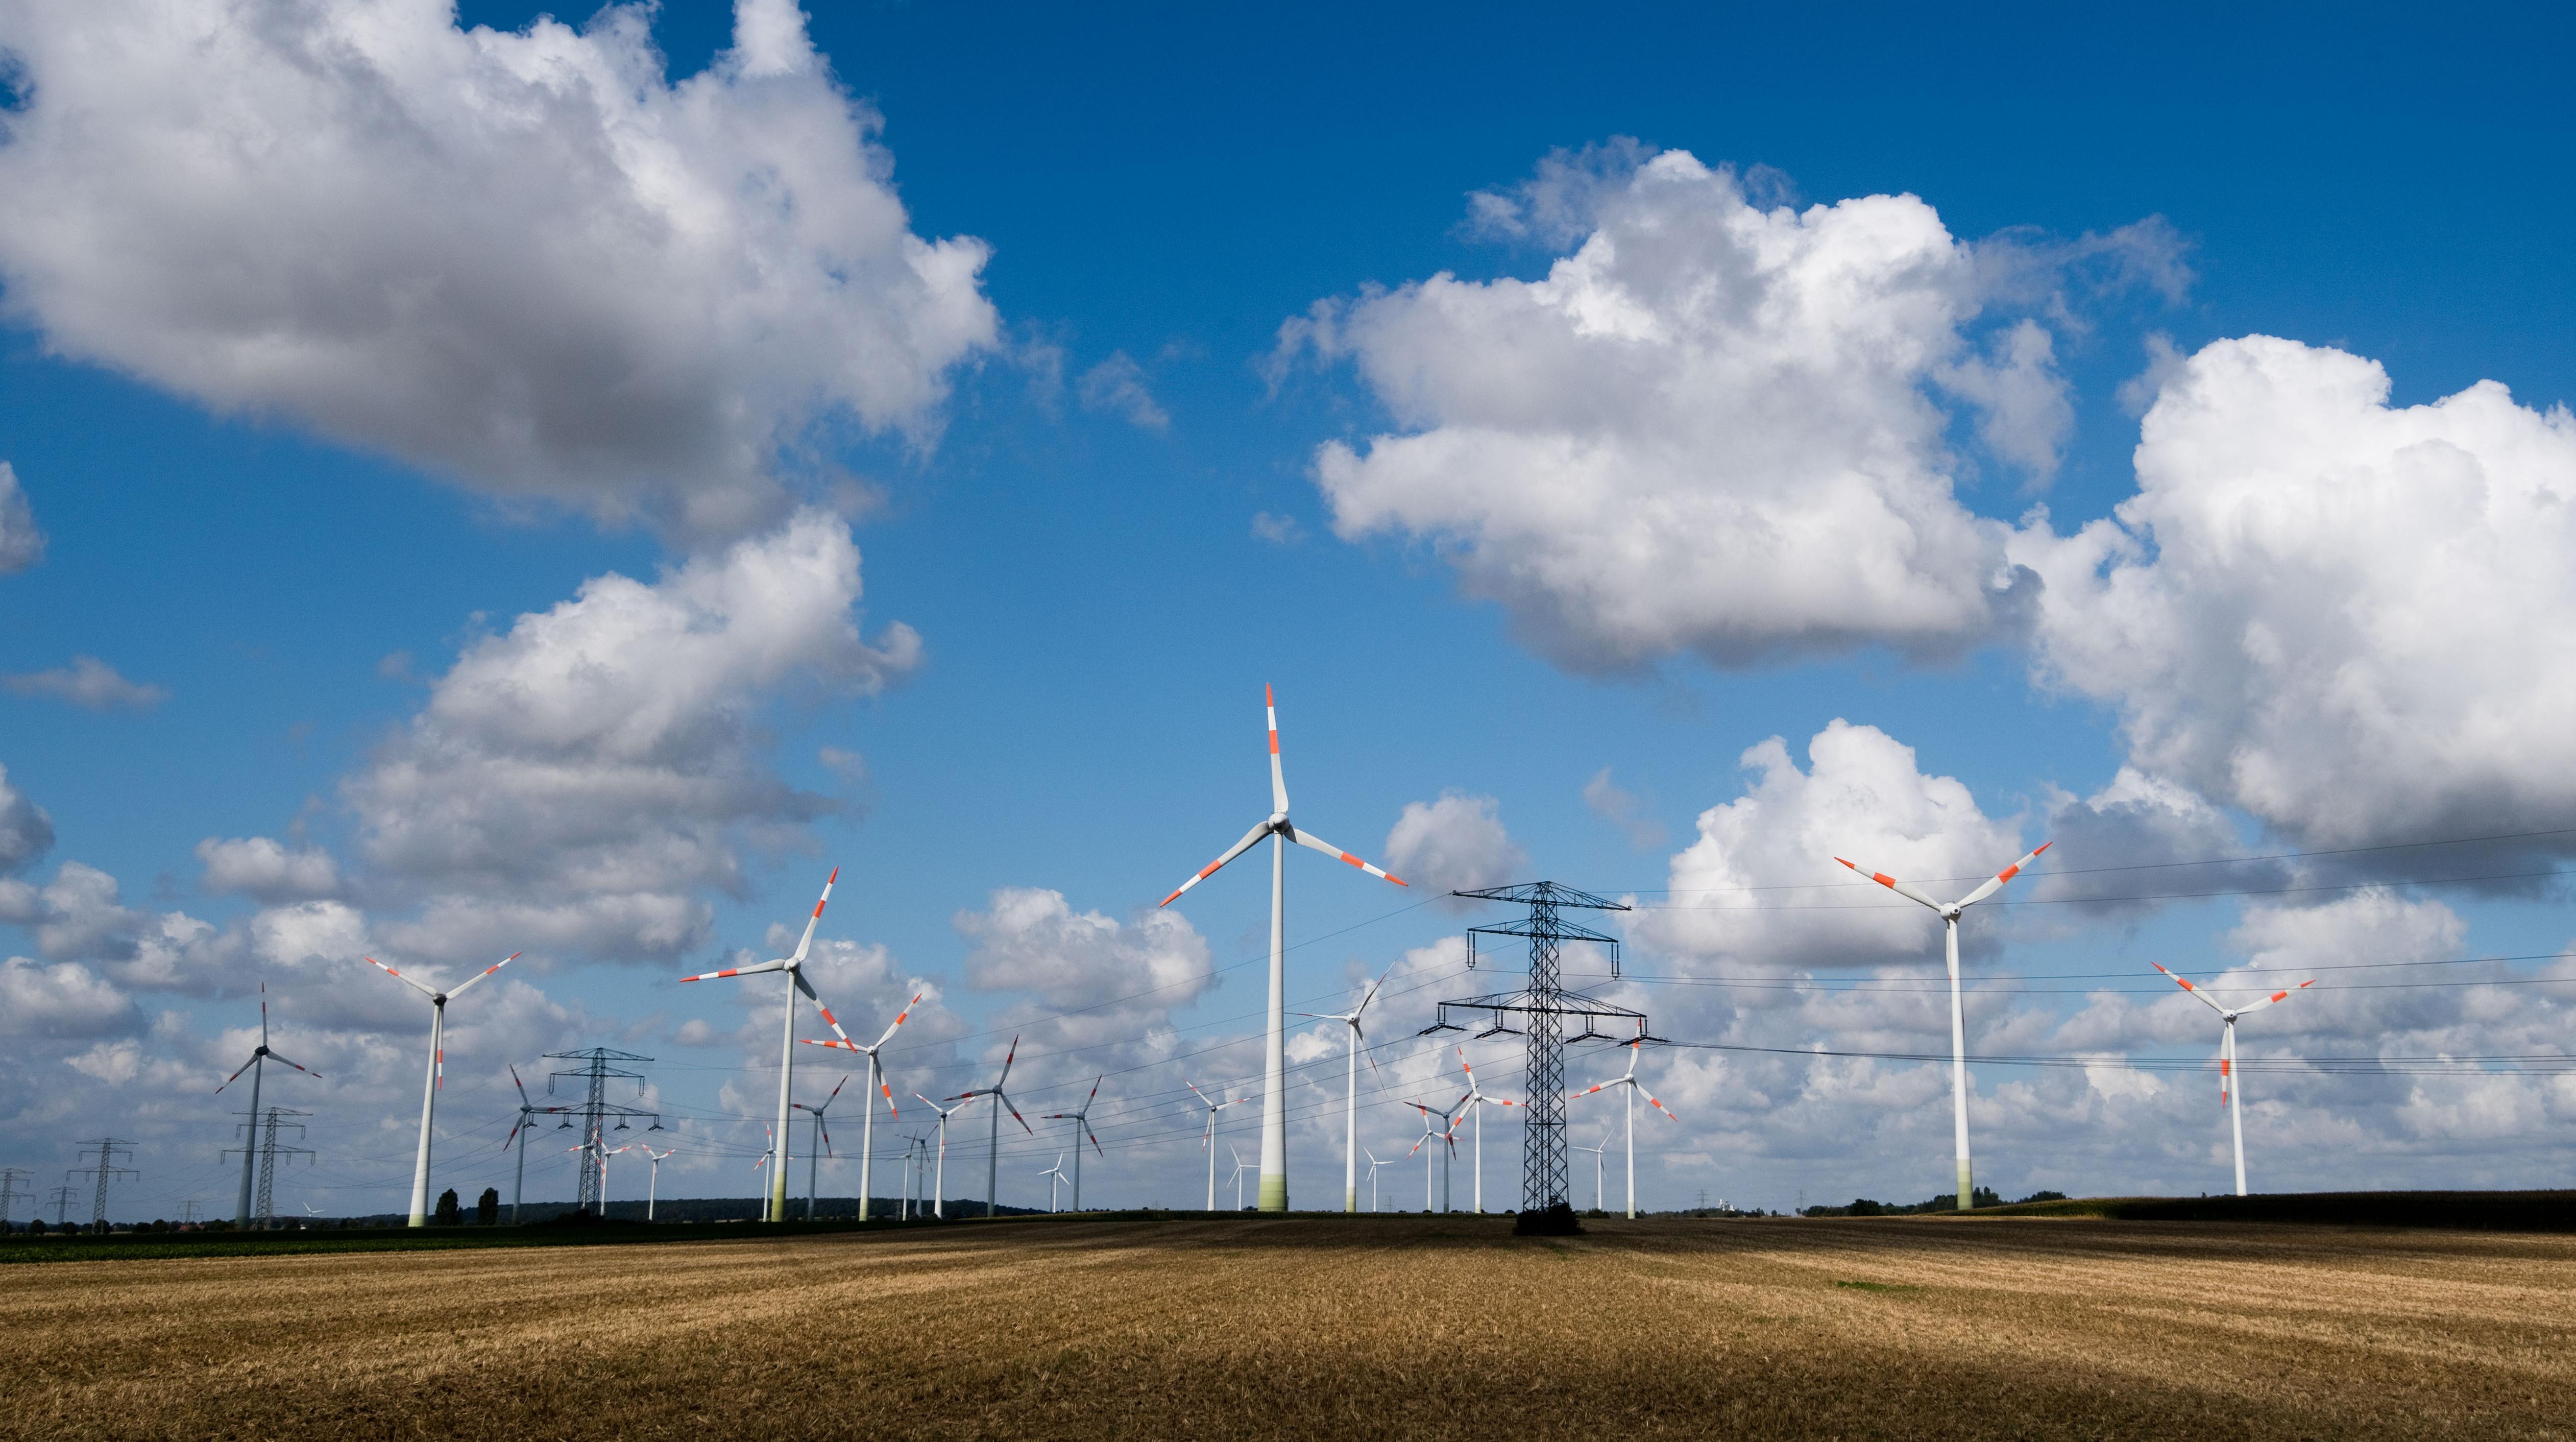 A kormánynak nem voltak saját számításai az energiaárakról, amikor leszavazta a klímasemlegességet